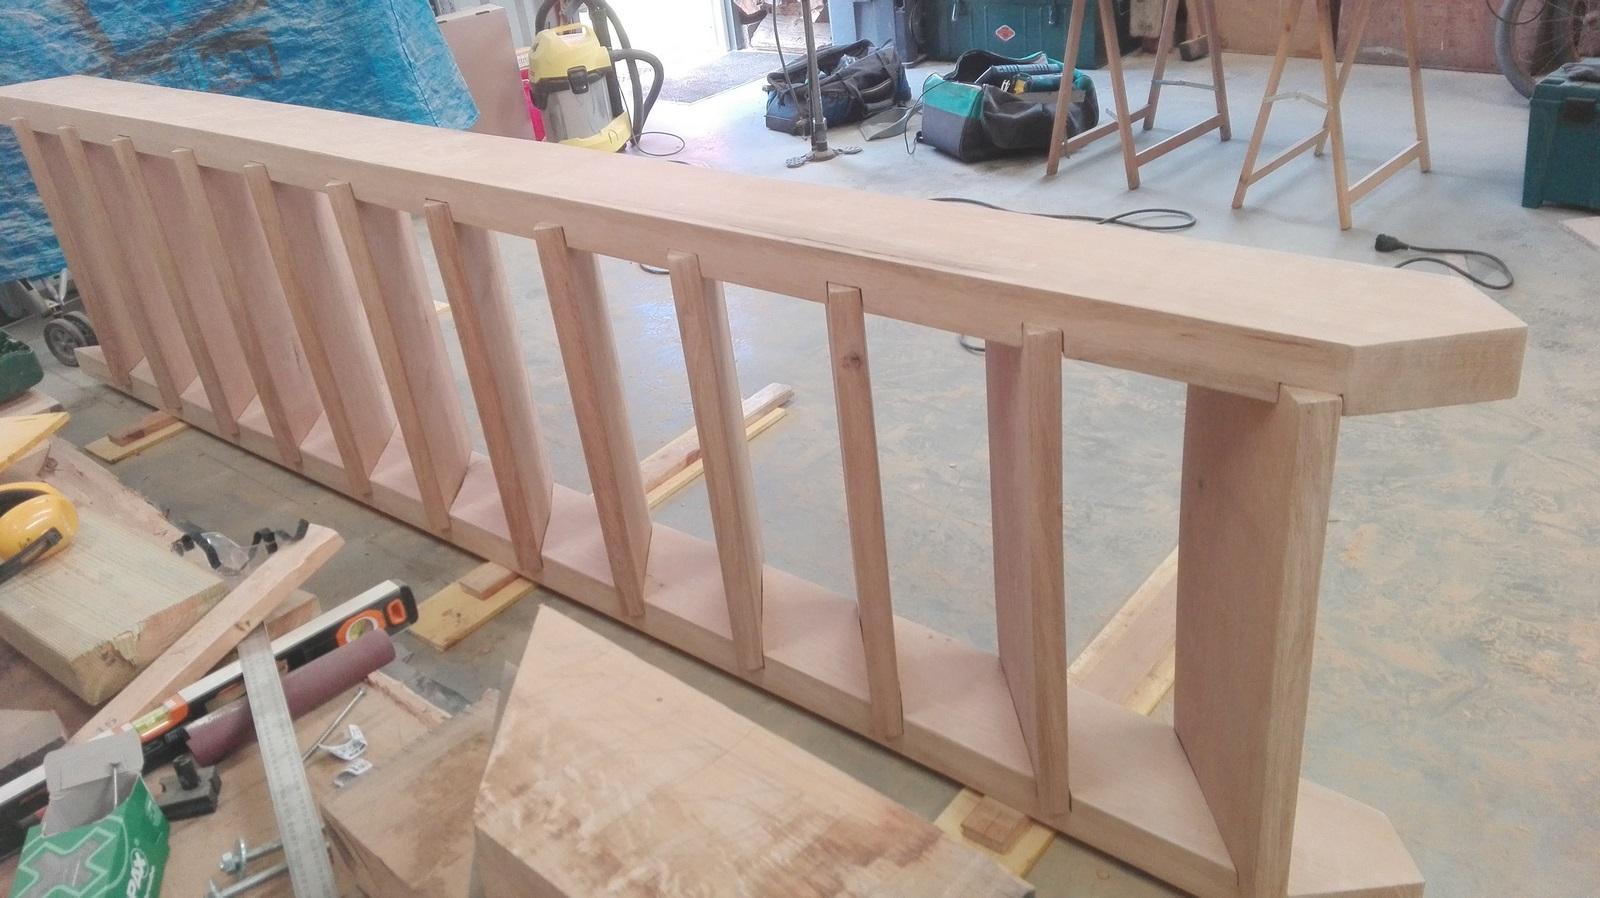 Poncage Escalier En Bois escalier en chêne - dépendances bois